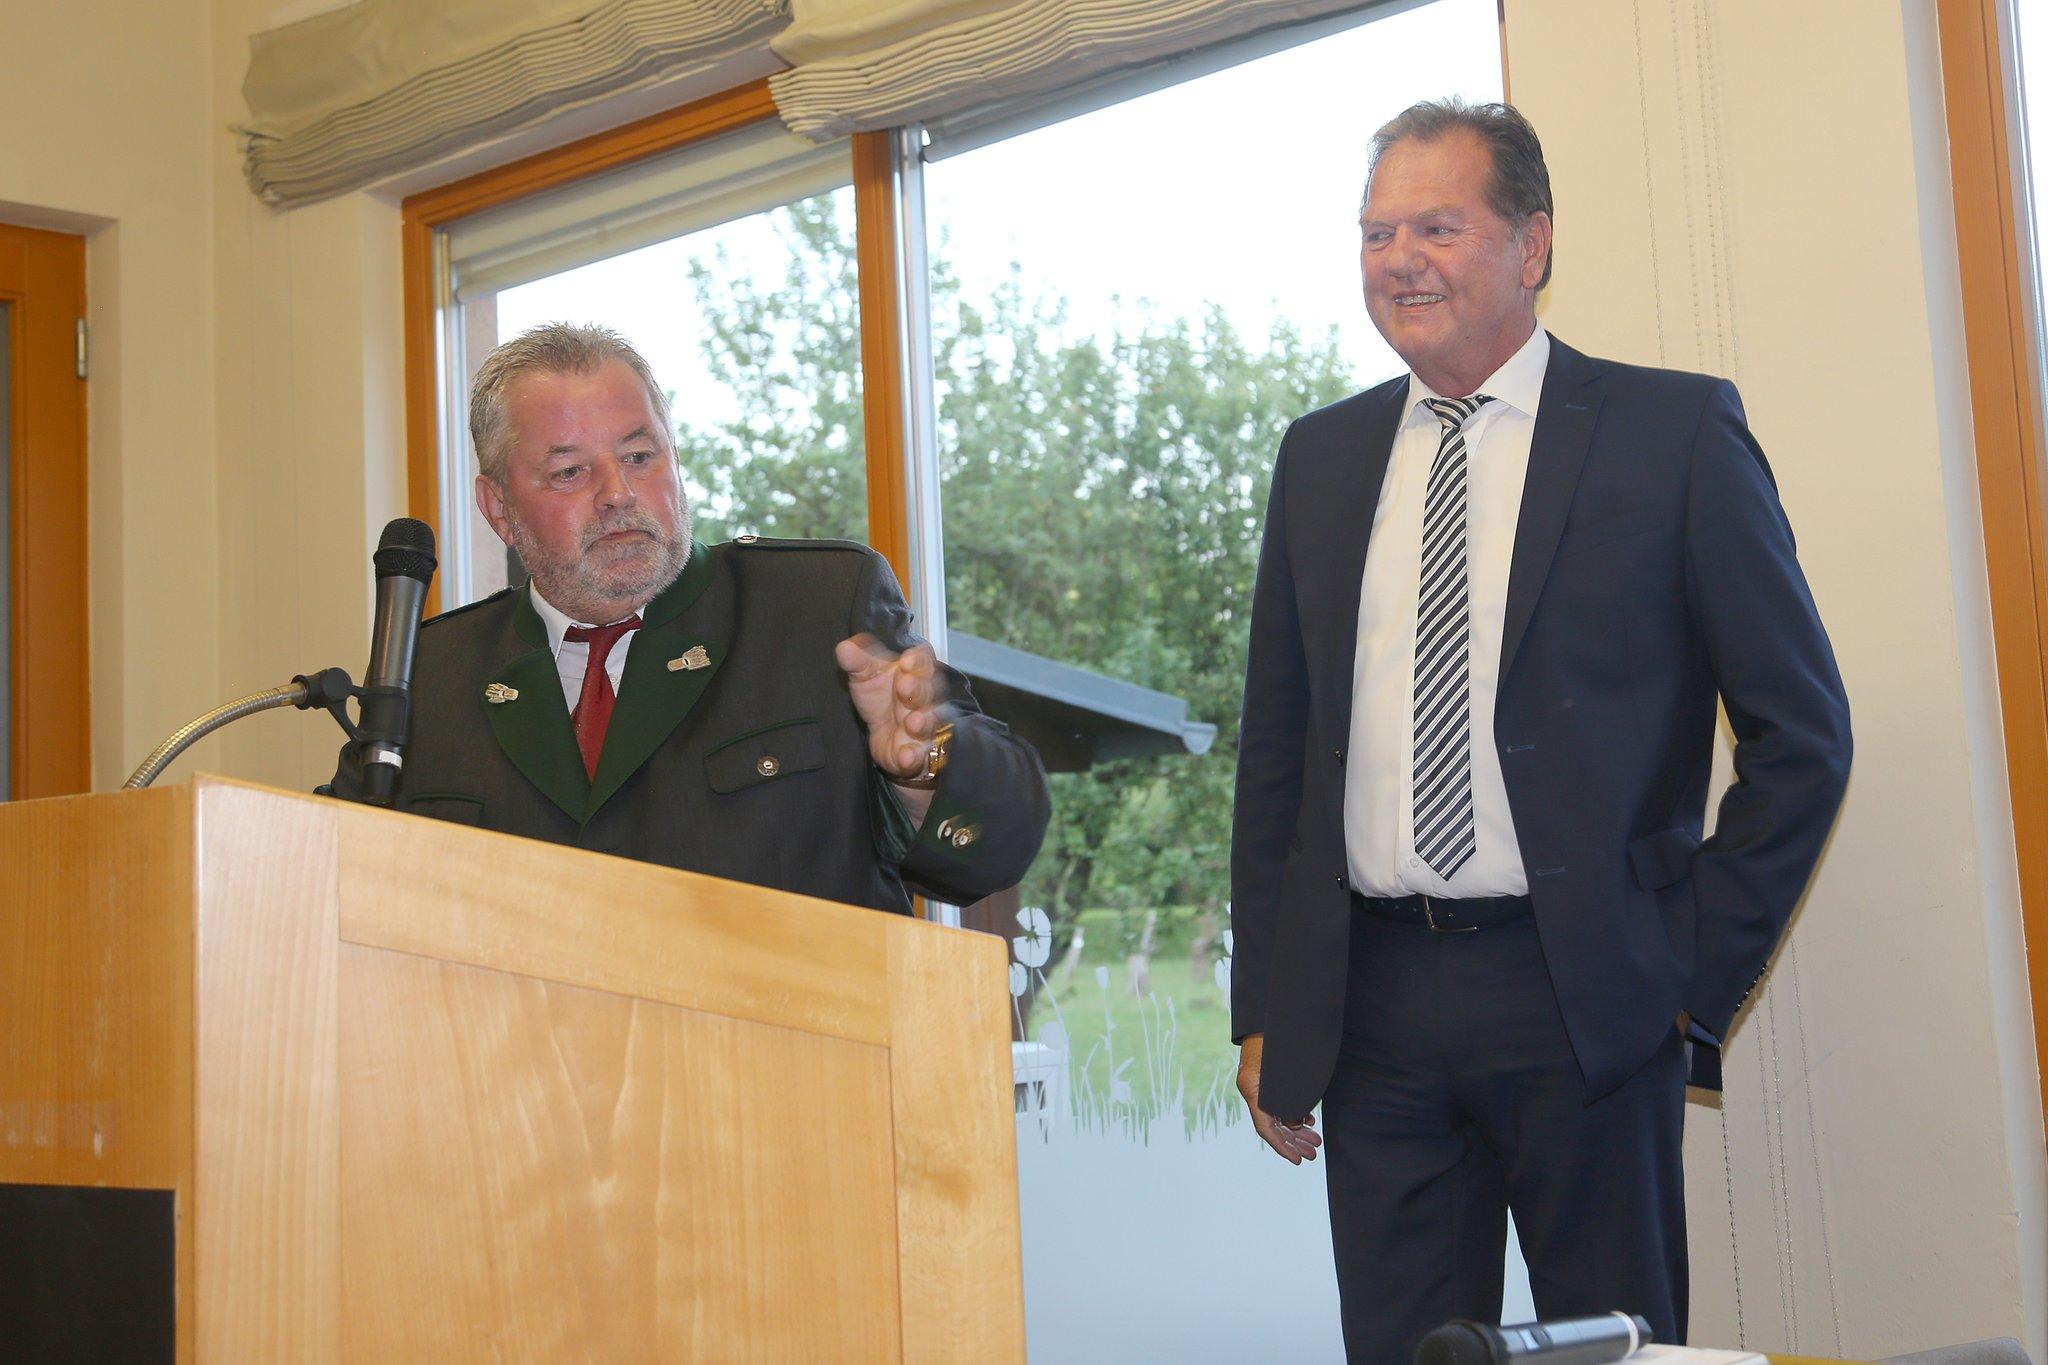 Jubiläum: St. Ruprecht feiert 25 Jahre Partnerschaft mit der Gemeinde Burgthann - Weiz - meinbezirk.at